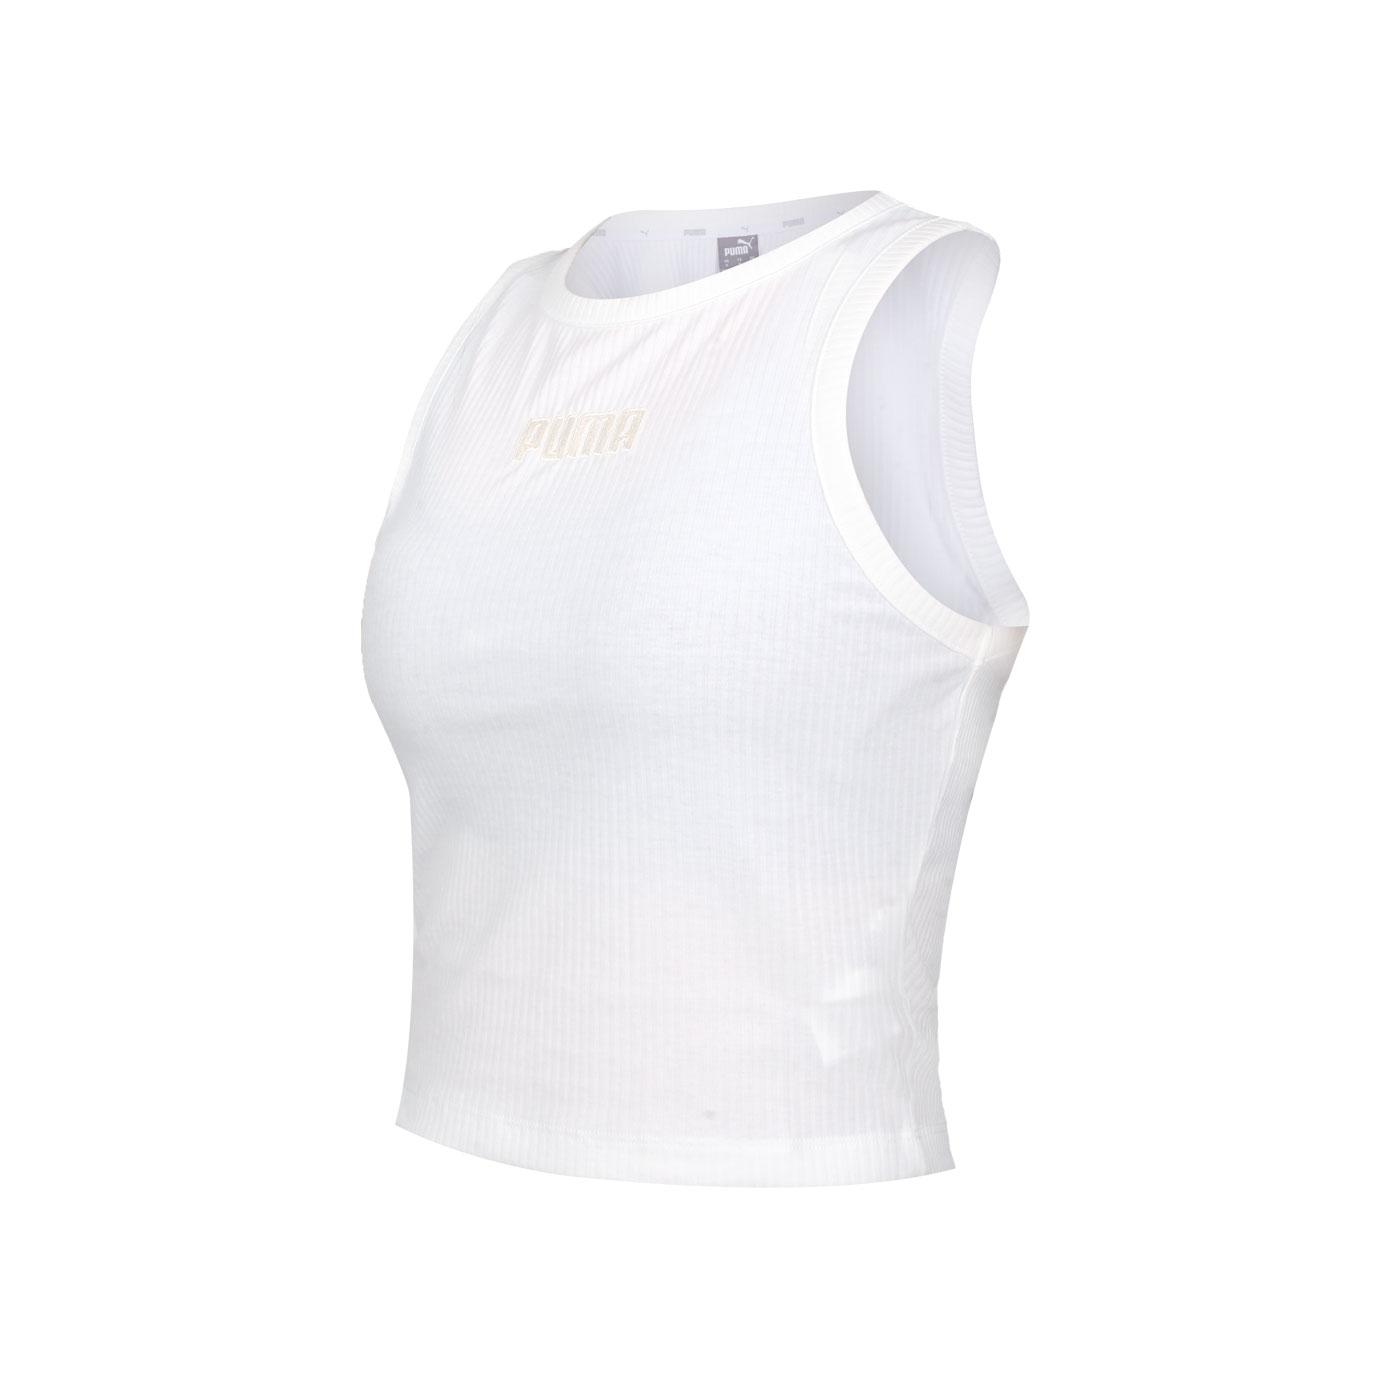 PUMA 女款基本系列Modern Basics羅紋休閒背心 58593102 - 白淺橘